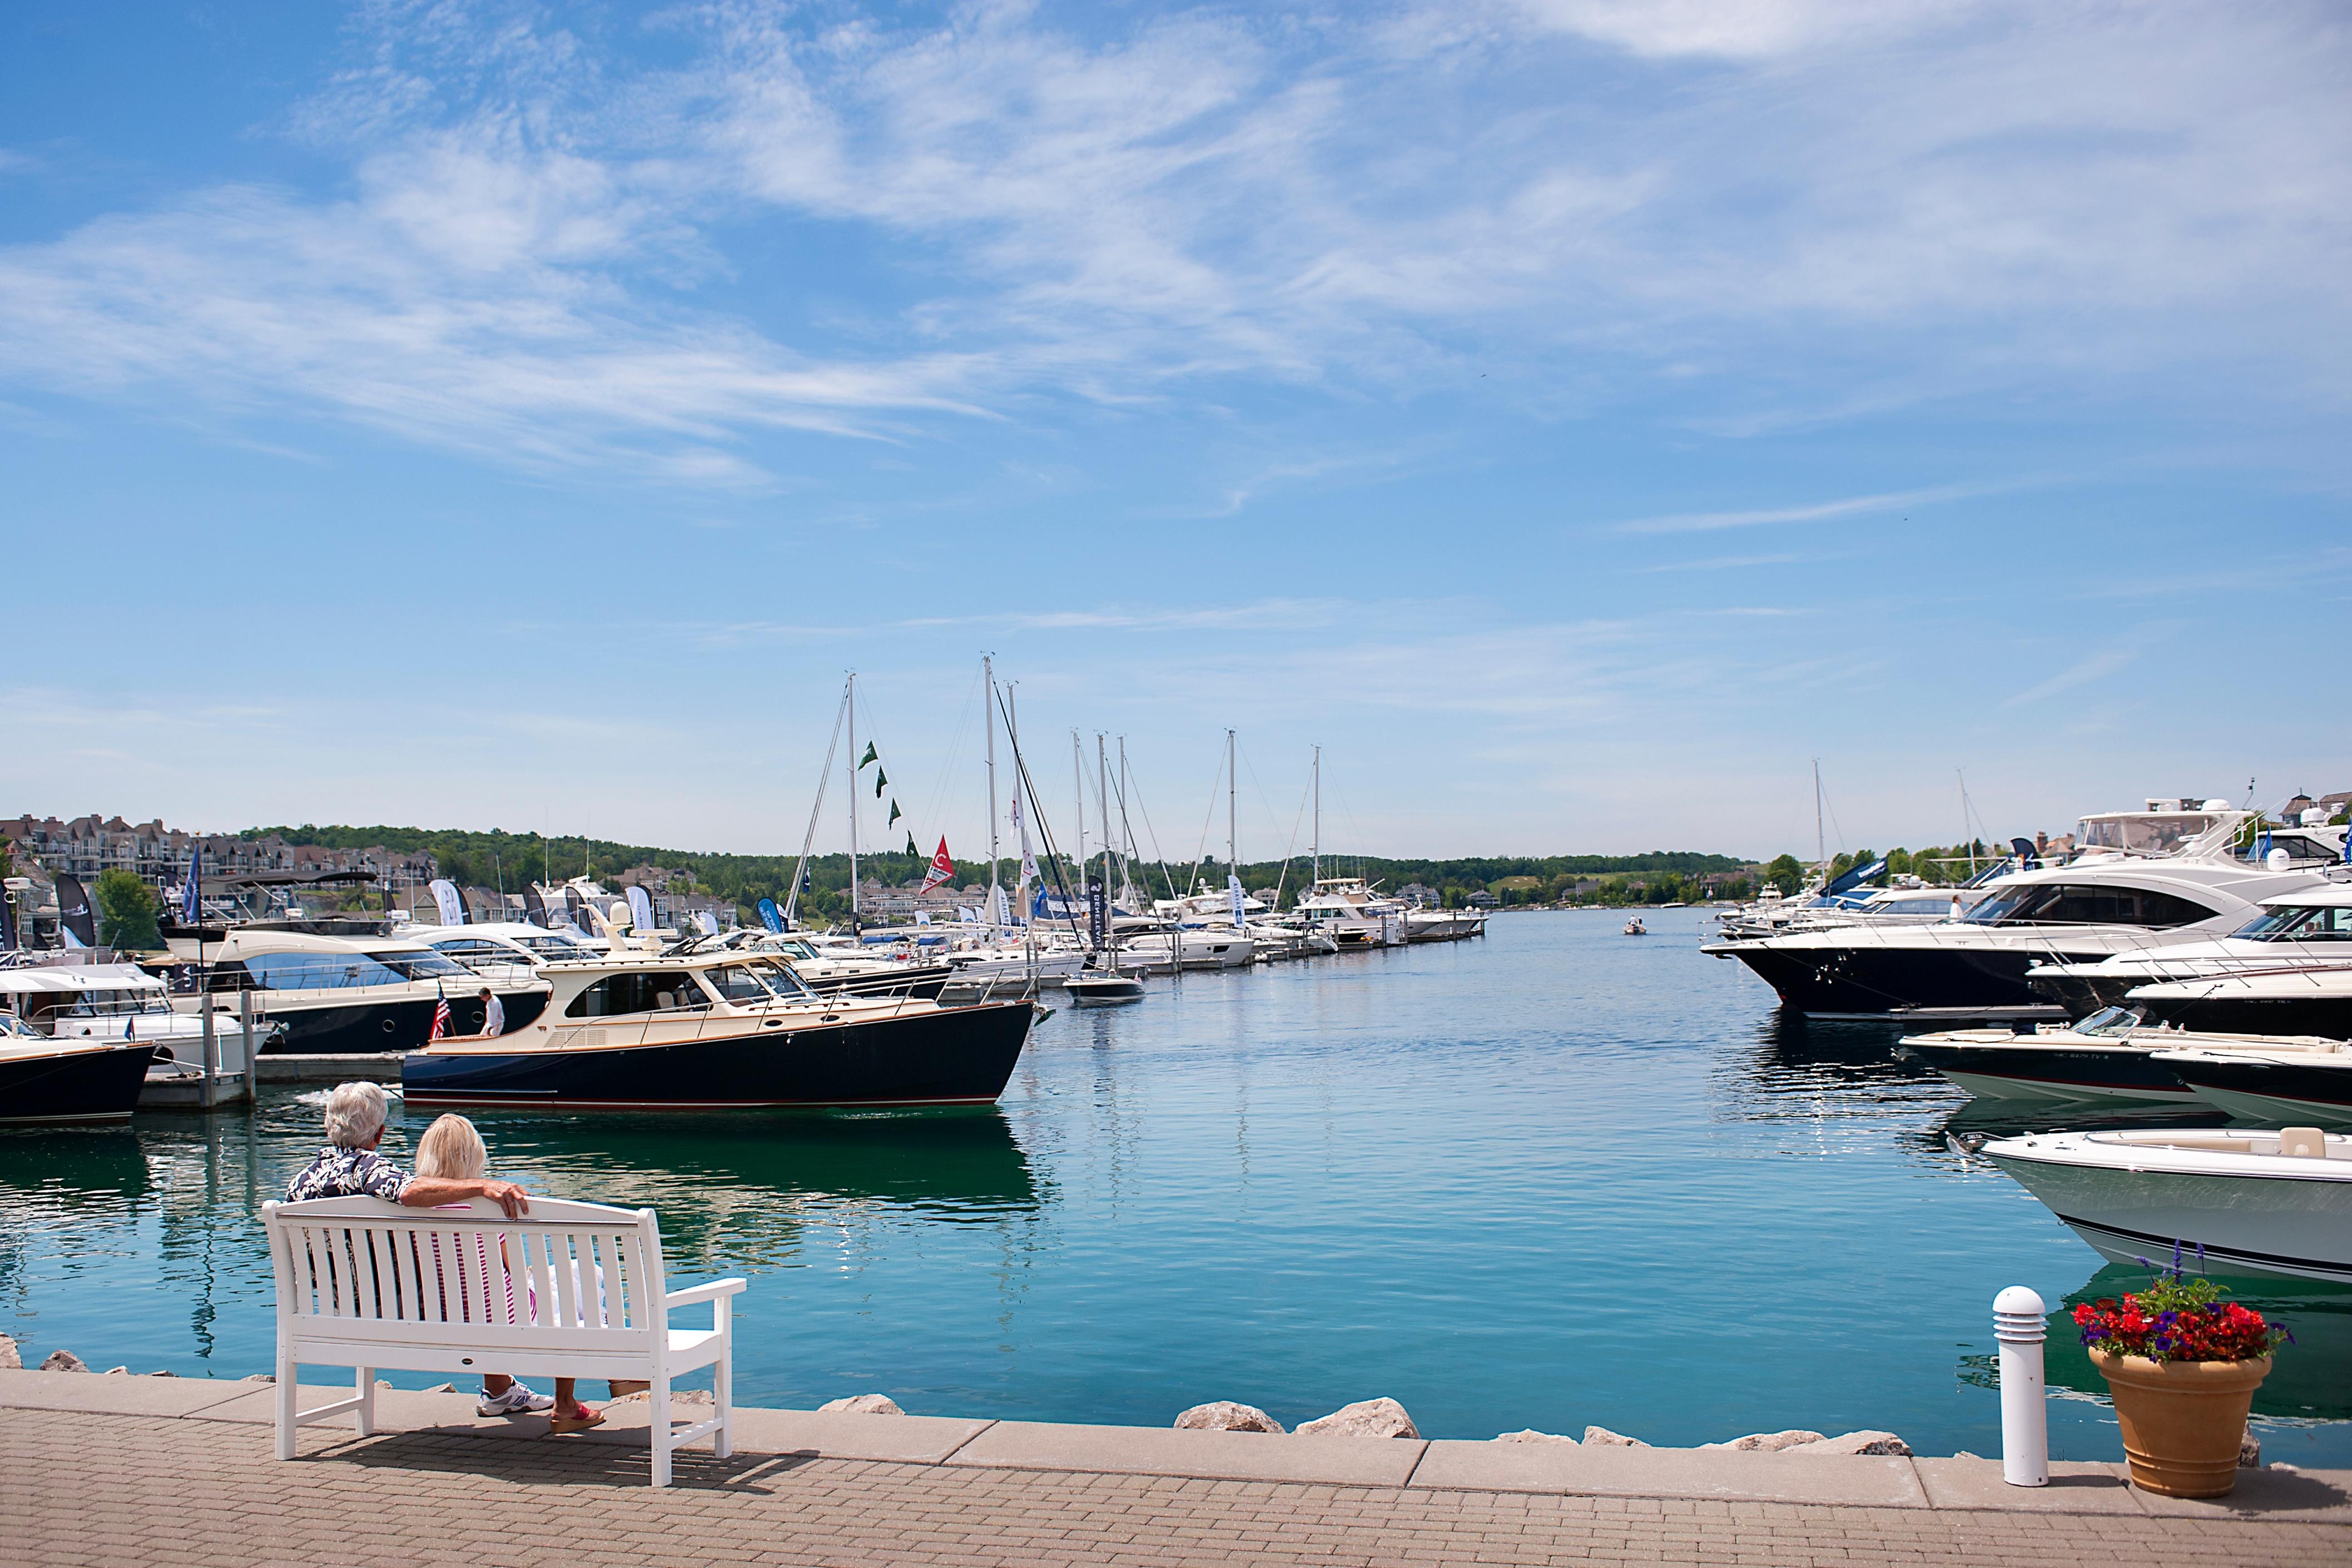 bay_harbor_lake_marina_slips